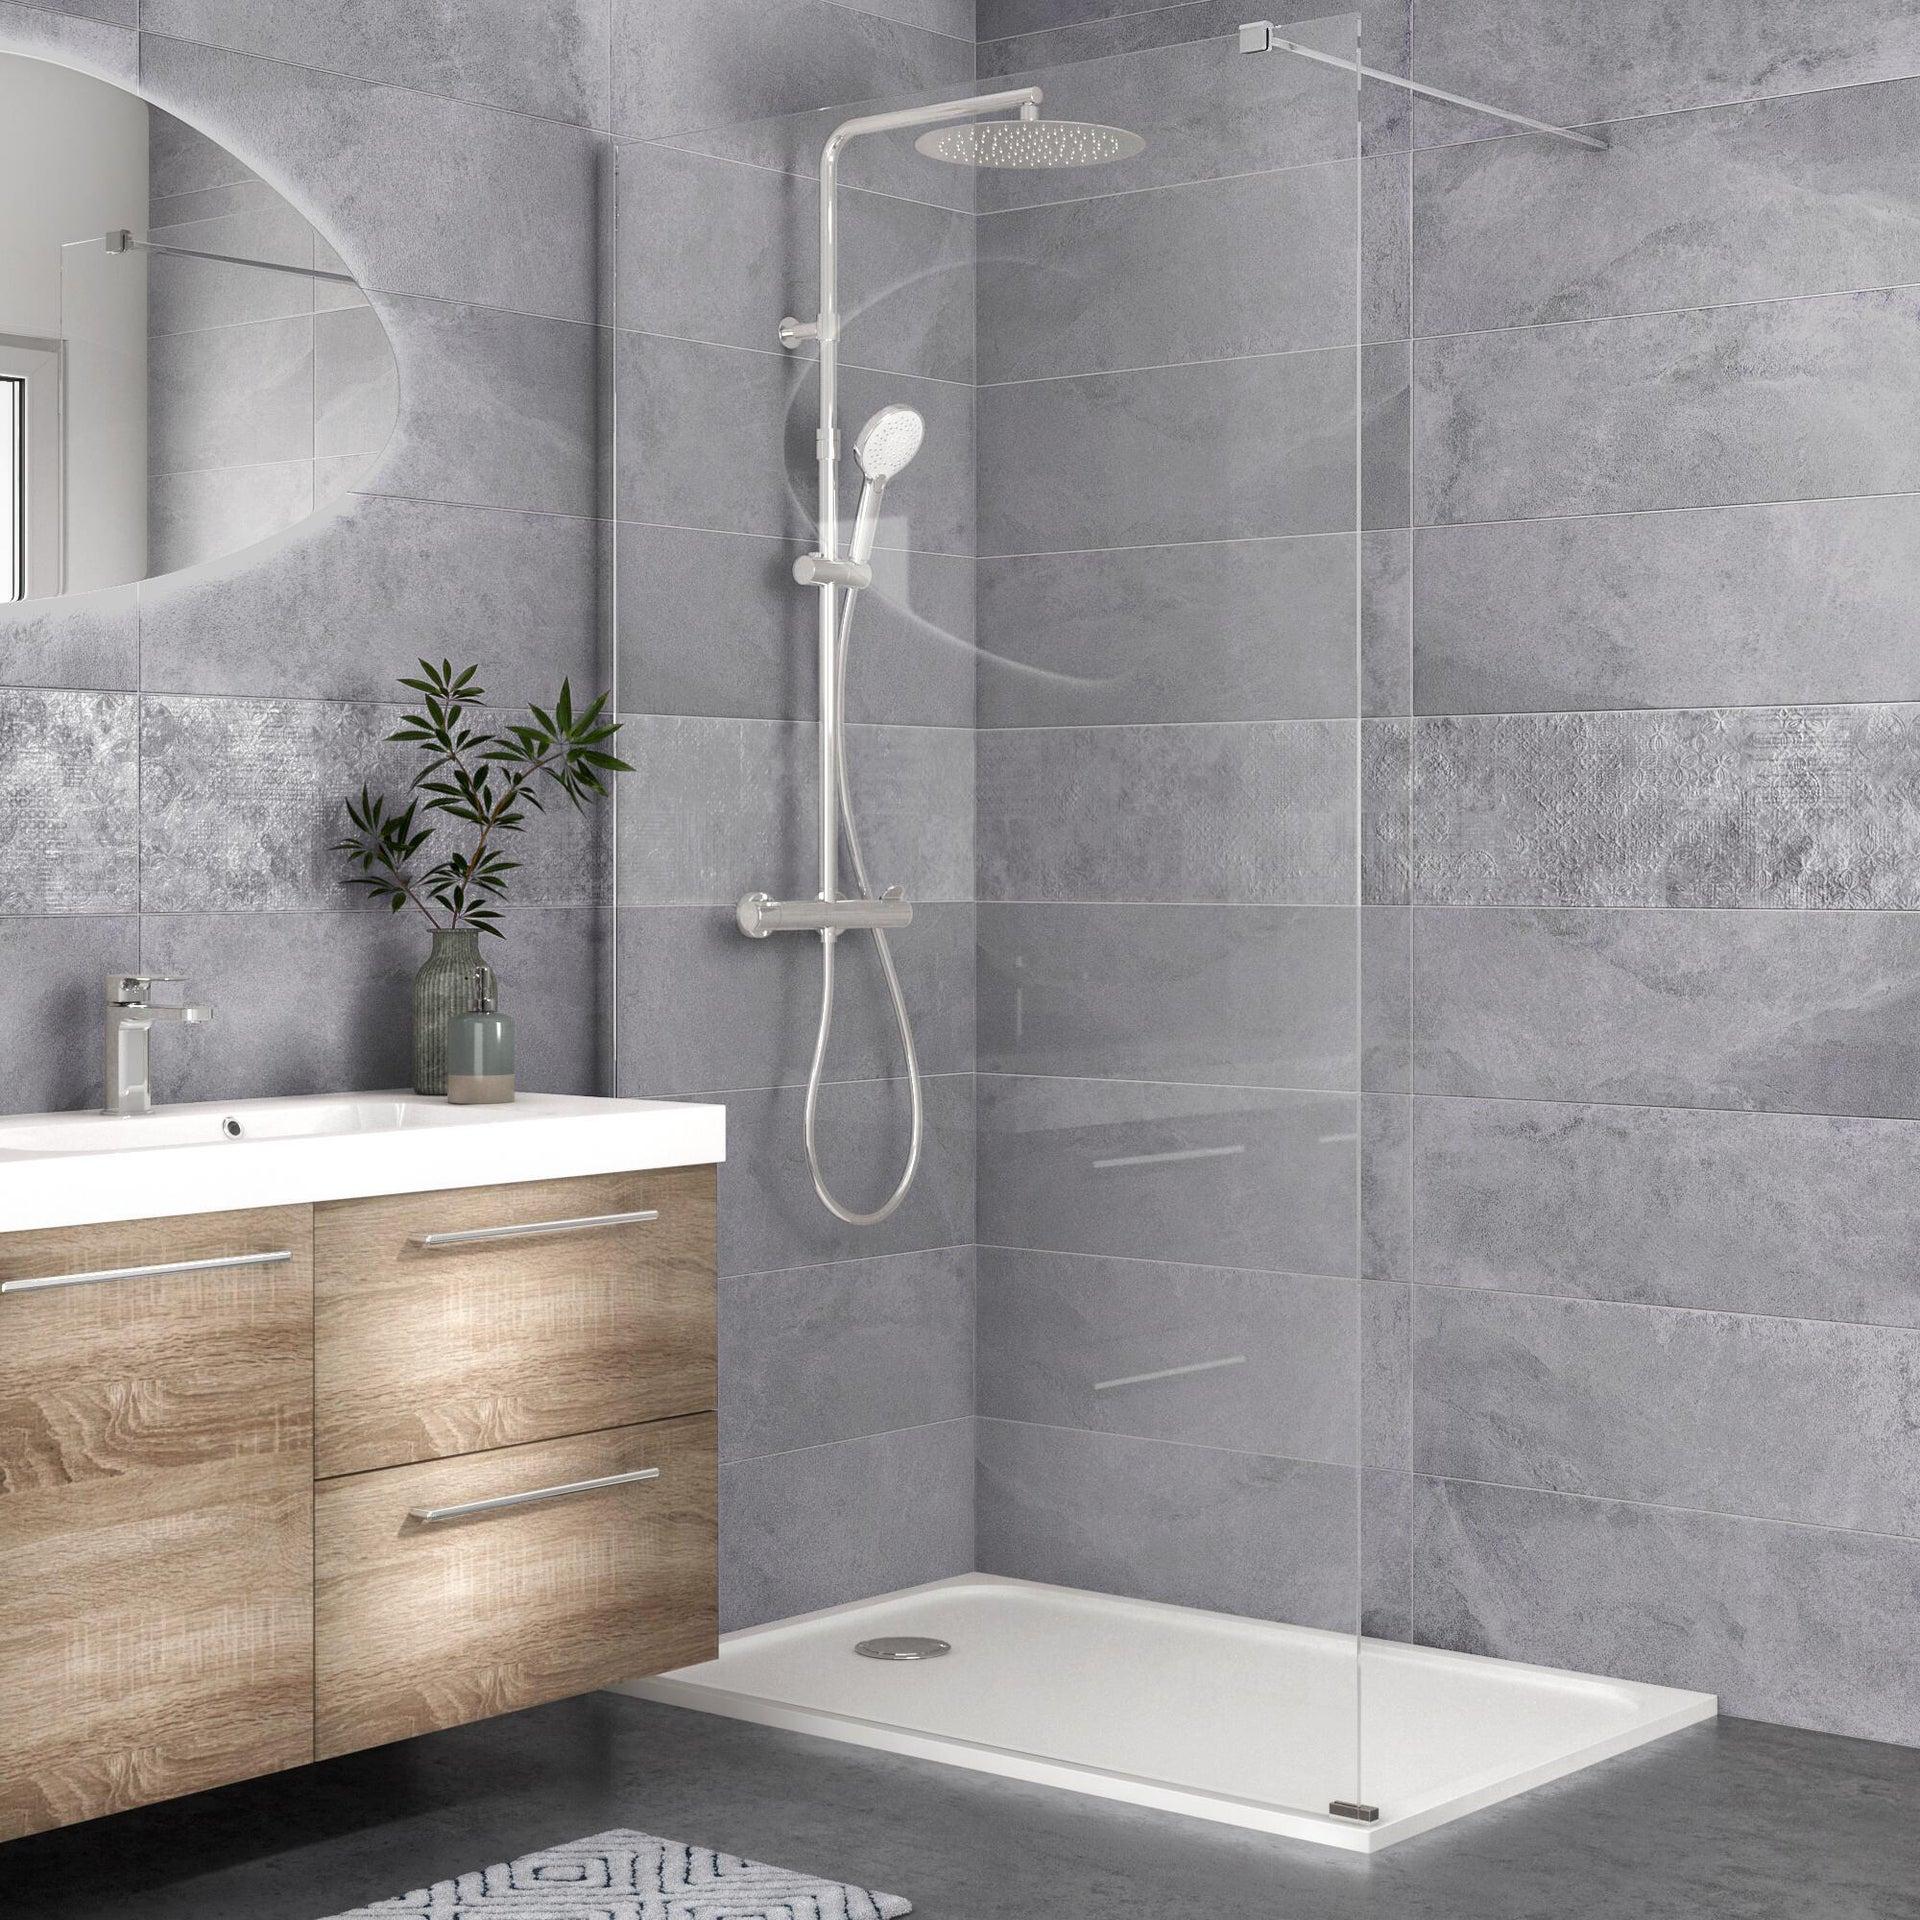 Piatto doccia resina sintetica e polvere di marmo Easy 80 x 120 cm bianco - 13